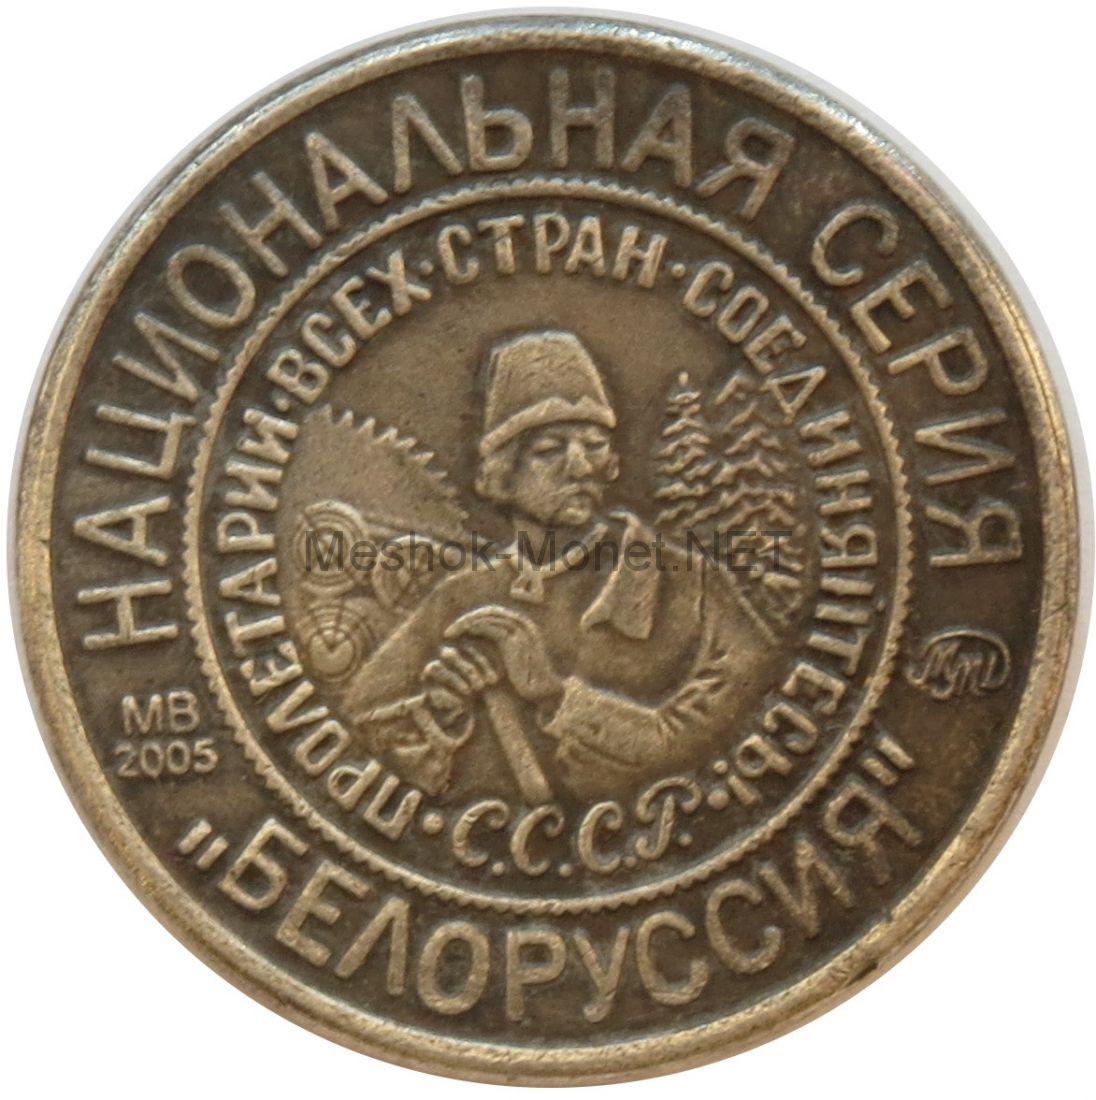 Копия 1 копейки 1925 года псевдоним белоруссия